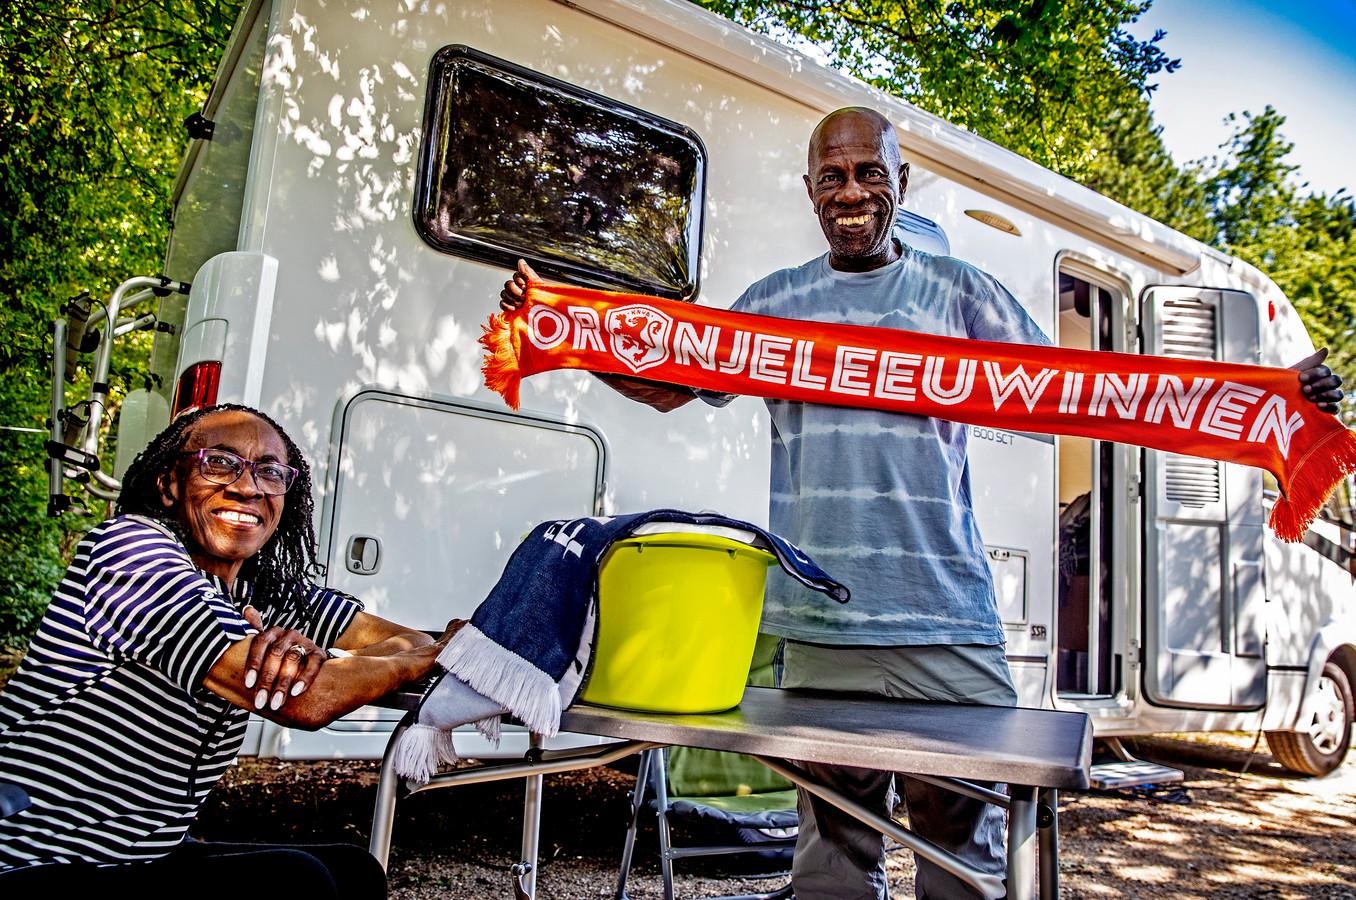 Op de camping ten noorden van Lyon, waar Linda (66) met haar man Kenneth (70) in een gehuurde camper zijn neergestreken.